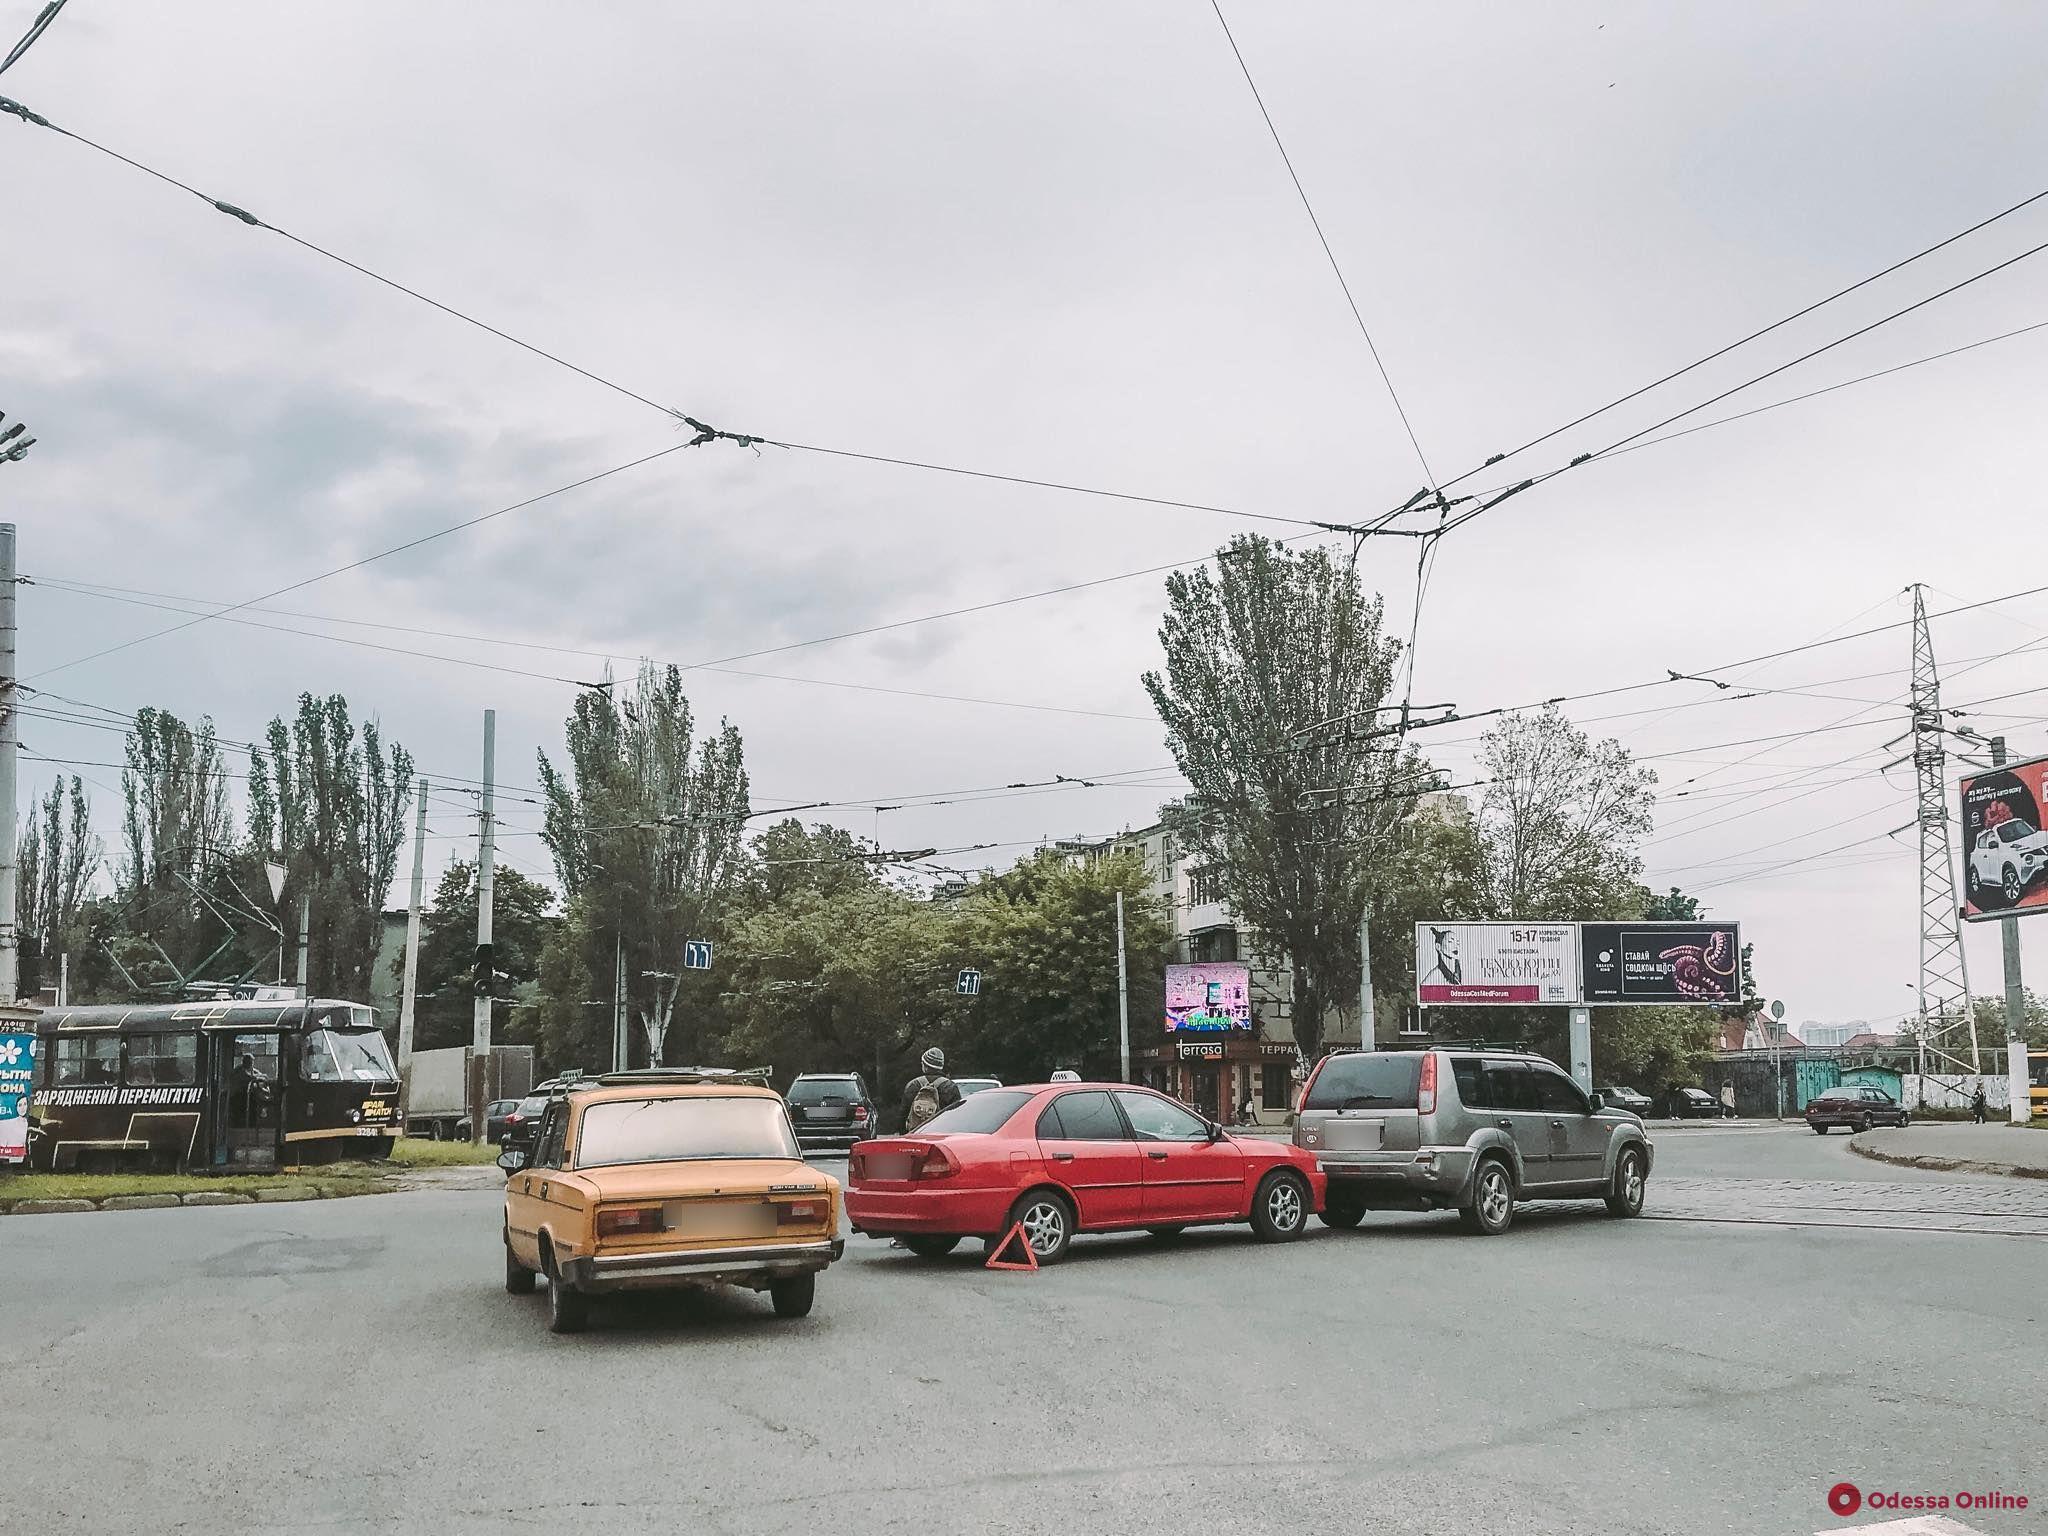 Из-за ДТП на площади Толбухина образовалась гигантская пробка